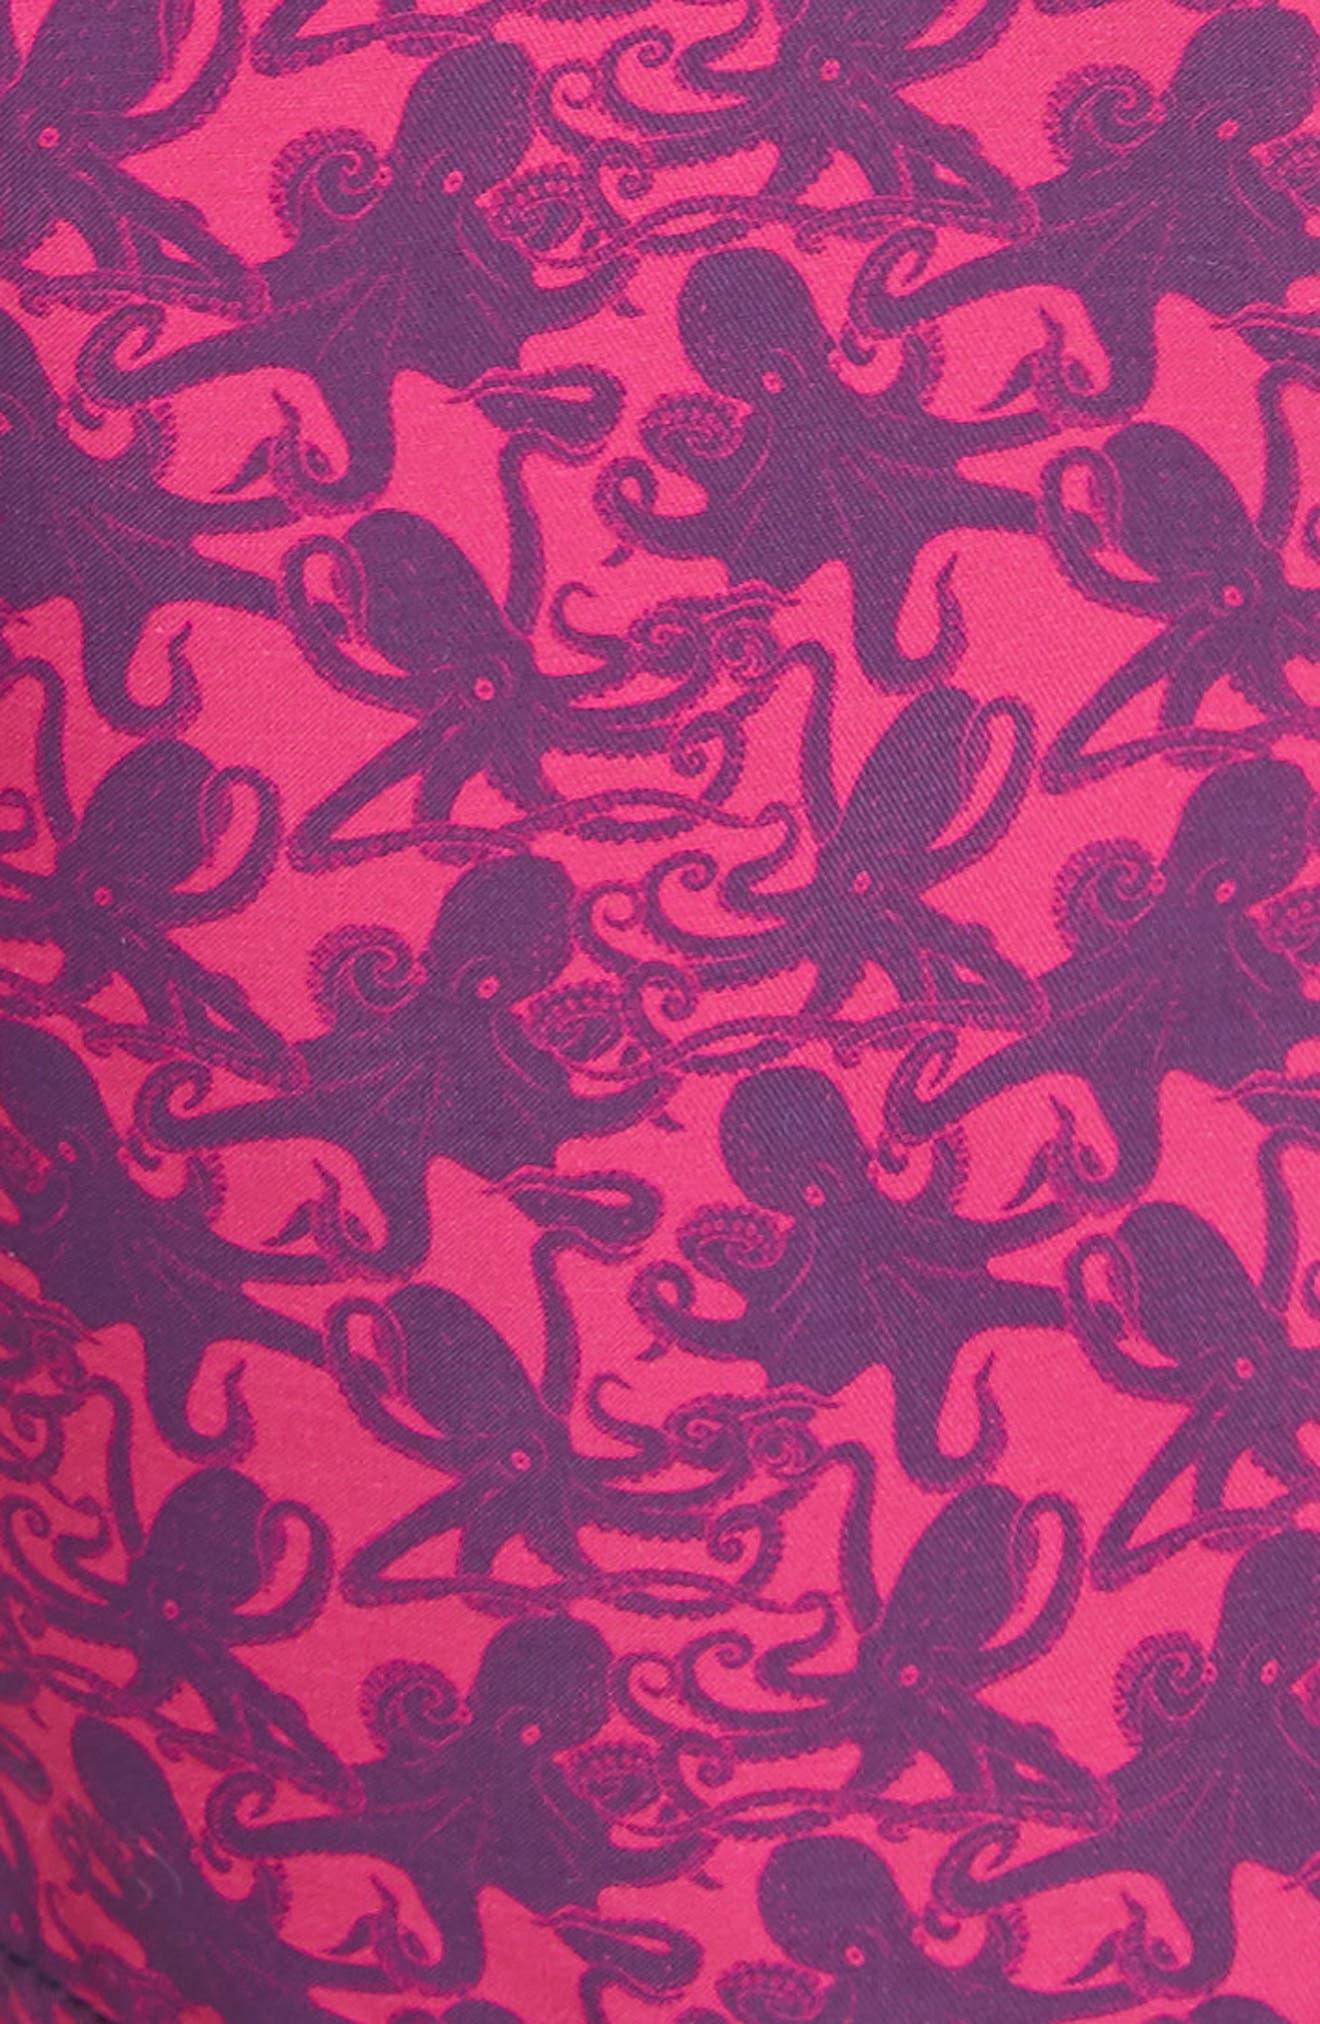 Mini Octopus Print Swim Trunks,                             Alternate thumbnail 5, color,                             SHOCKING PINK